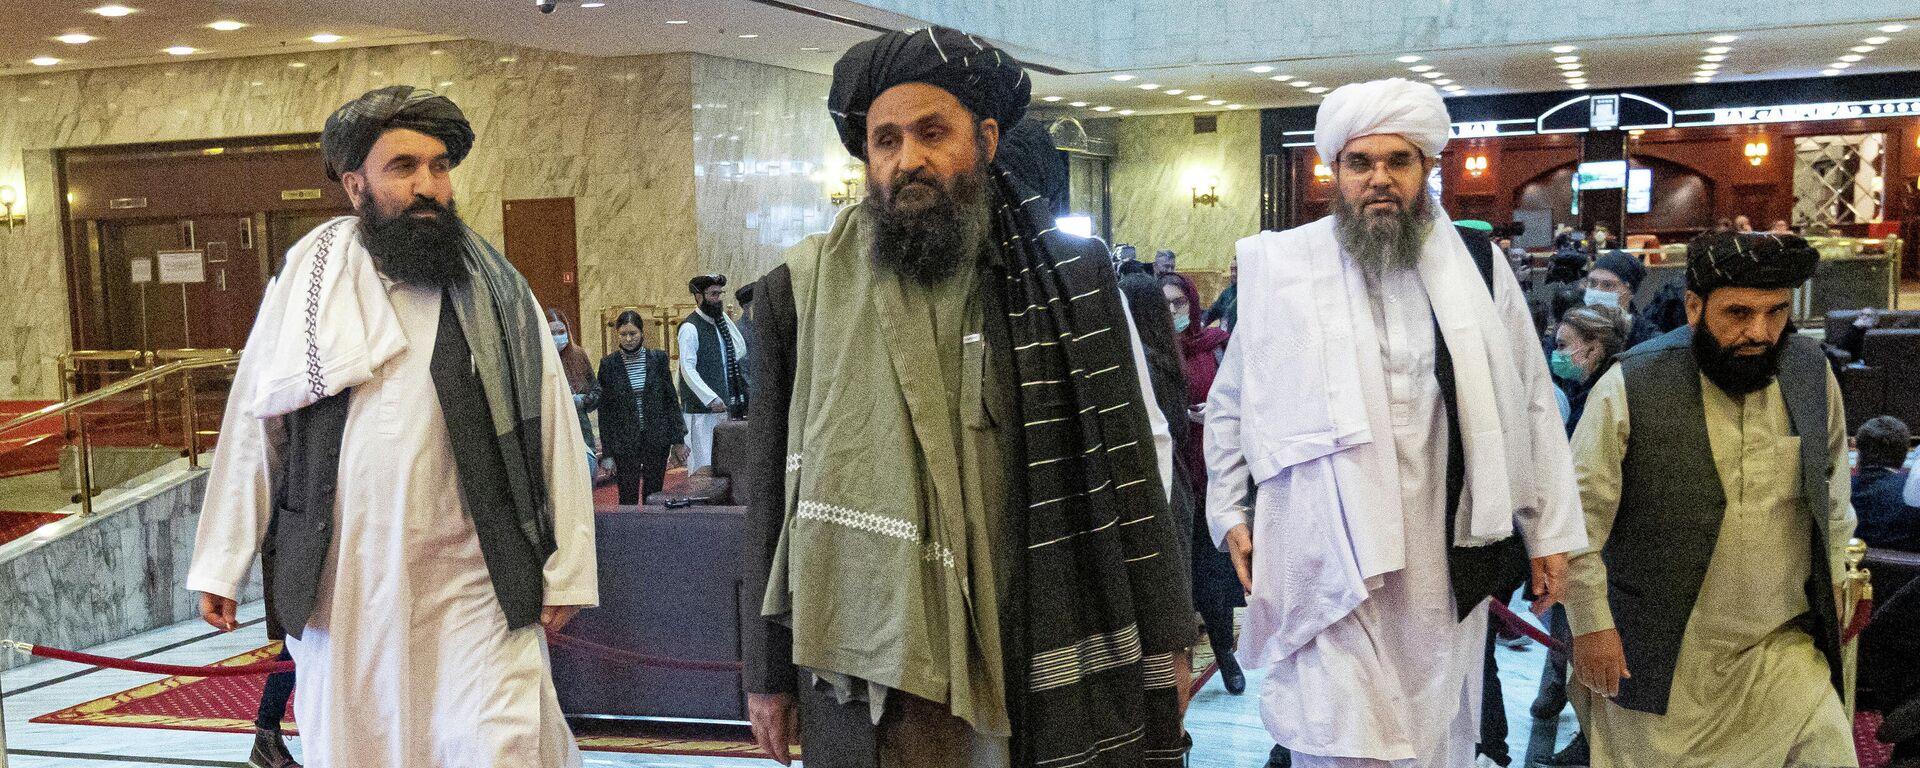 Jedan od lidera i pregovarača talibana Mula Abdul Gani Baradar (S)  - Sputnik Srbija, 1920, 03.09.2021